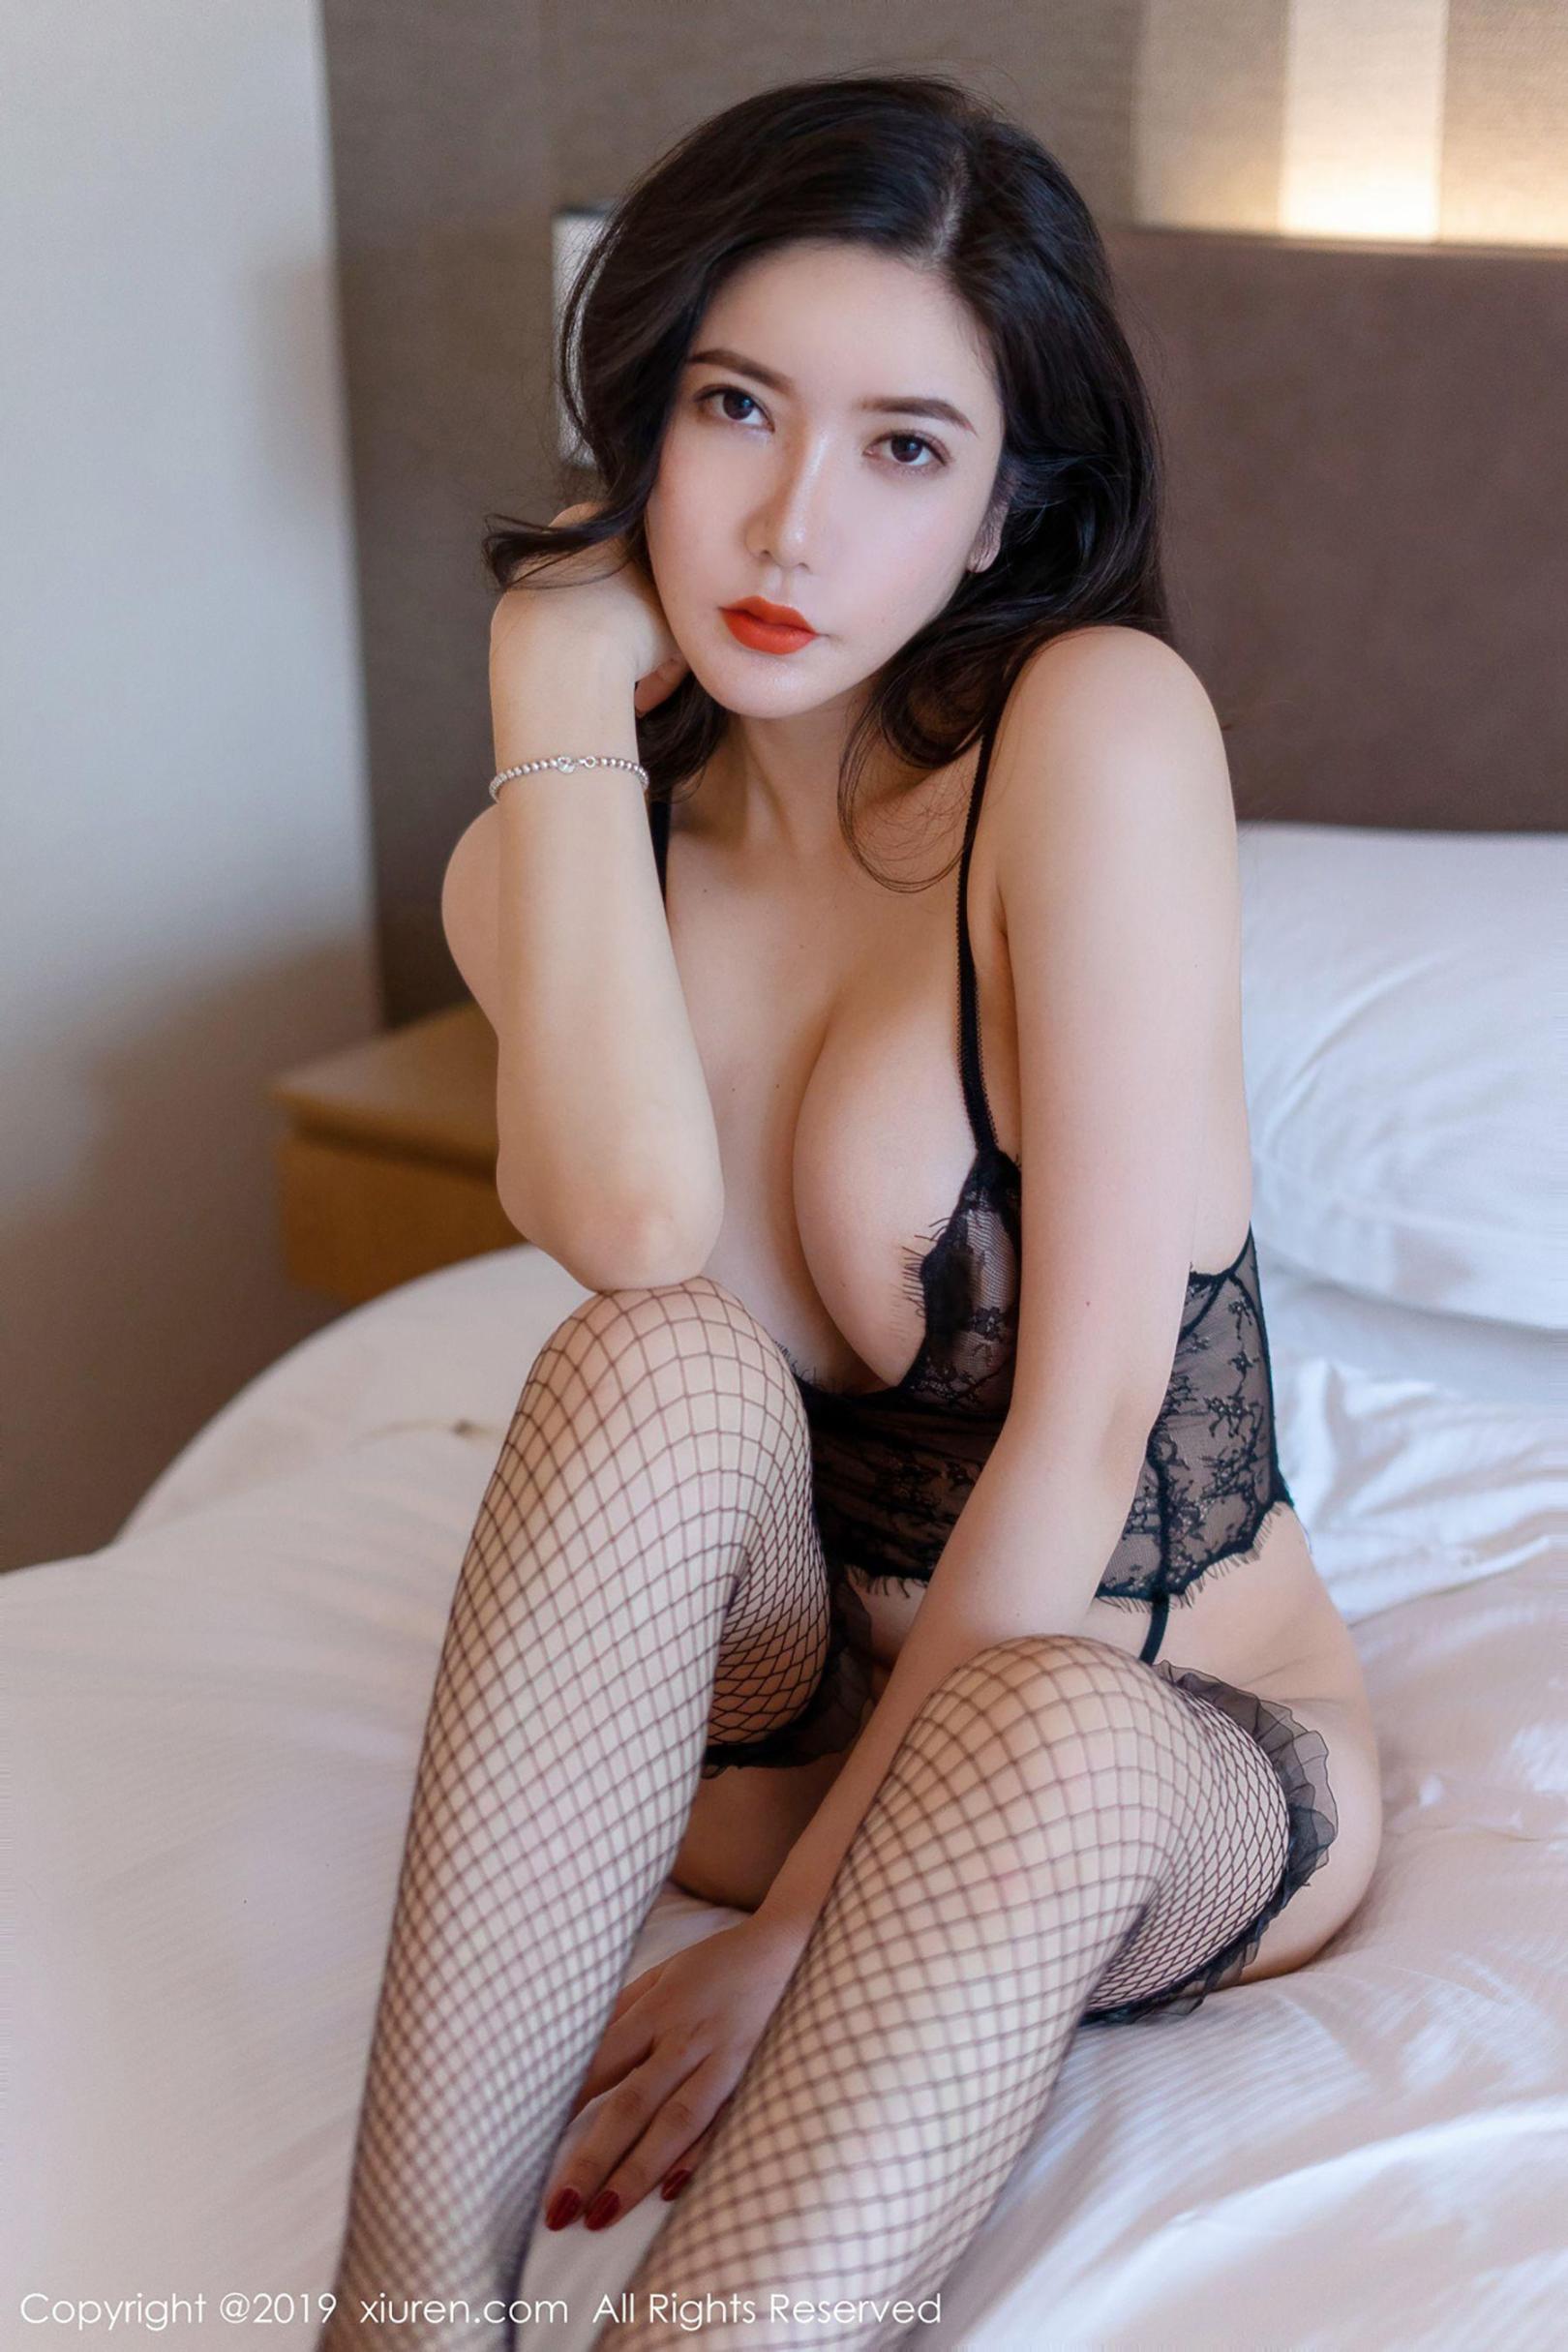 [尤果圈爱尤物] 李妍曦 人间胸器的魅惑 高清写真套图